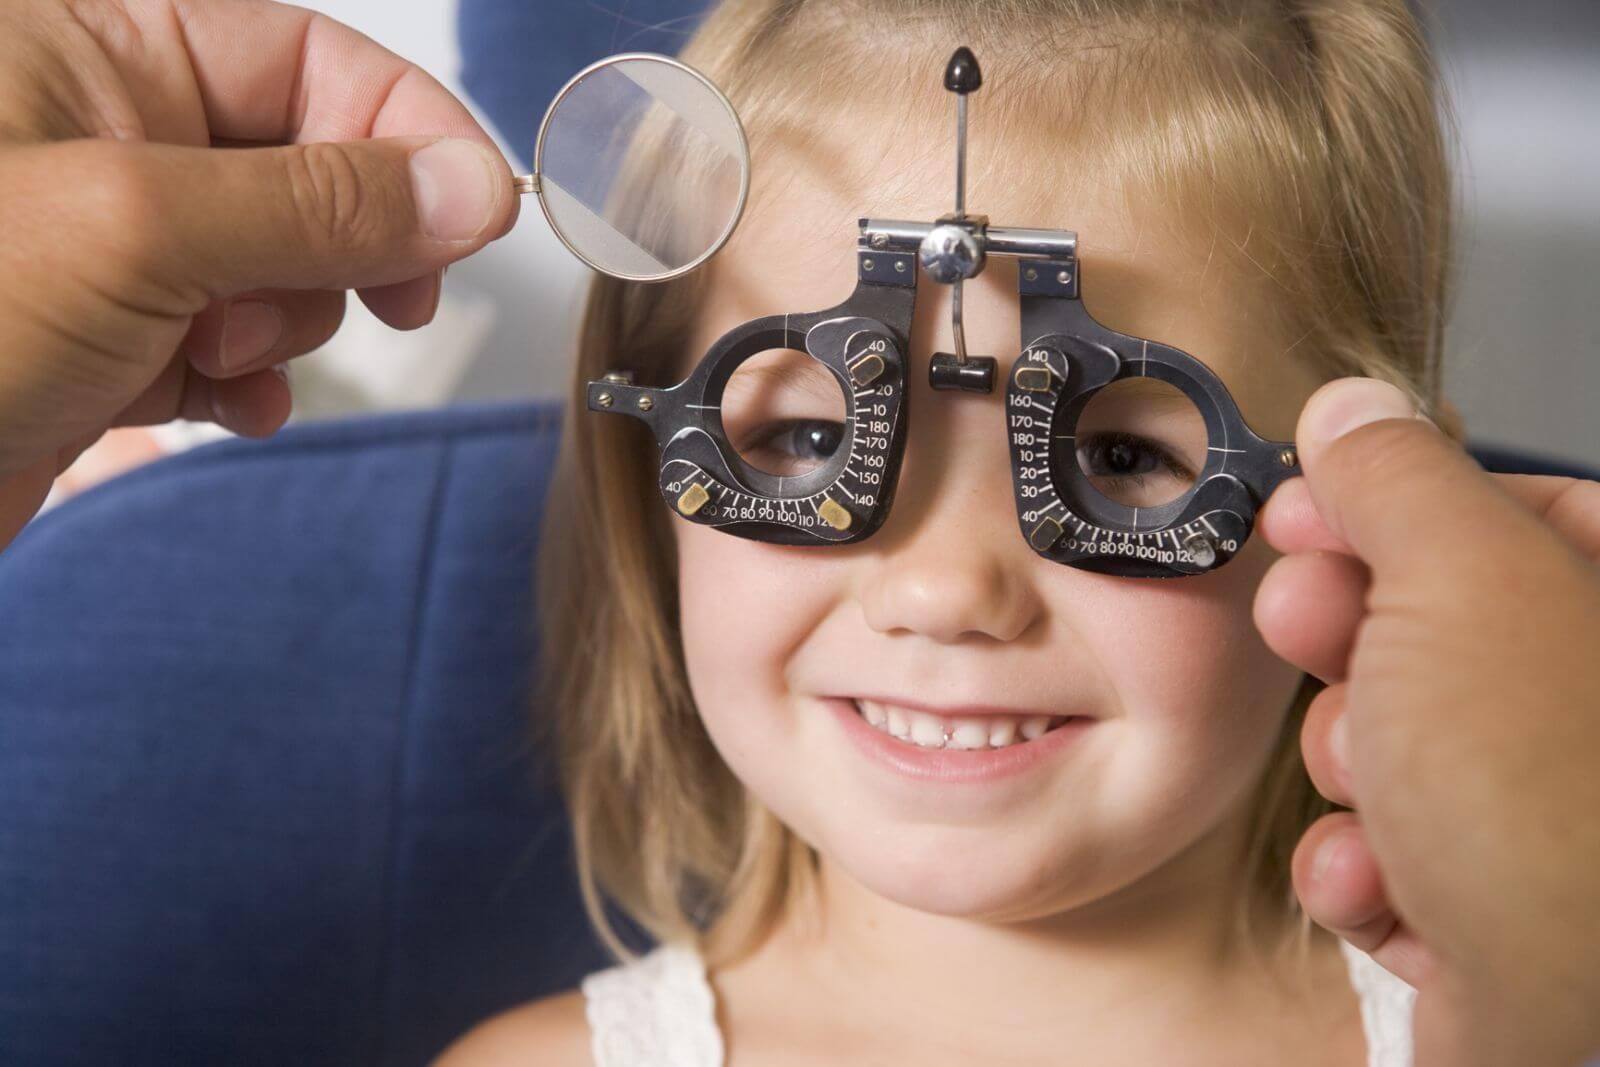 Лечение дальнозоркости у детей: аппаратное, можно ли вылечить гимнастикой для глаз, чем лучше лечится недуг у ребенка, отзывы